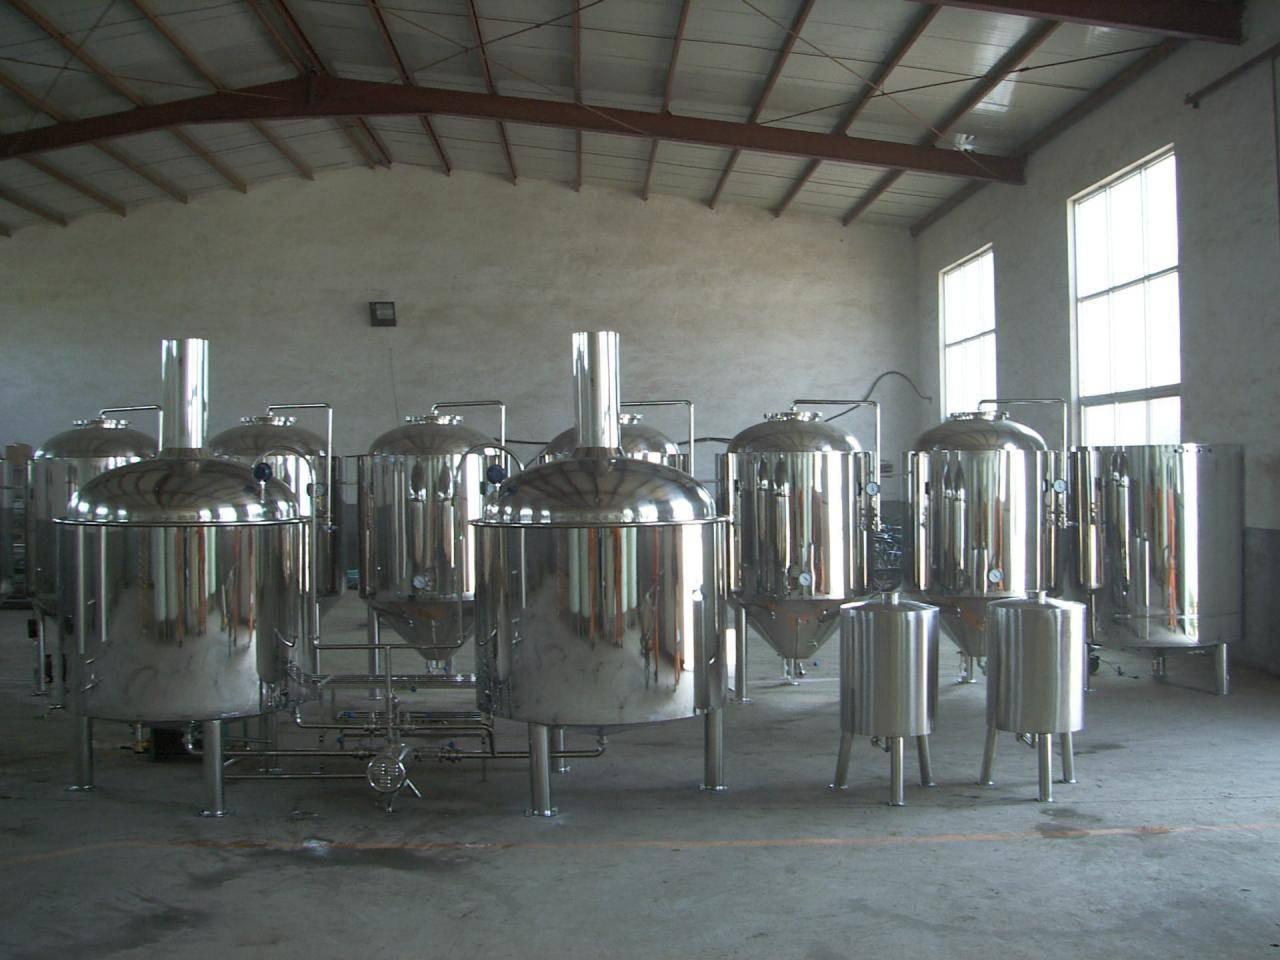 精酿啤酒设备功率-如何选择精酿啤酒设备?-大麦丫-精酿啤酒连锁超市,工厂店平价酒吧免费加盟